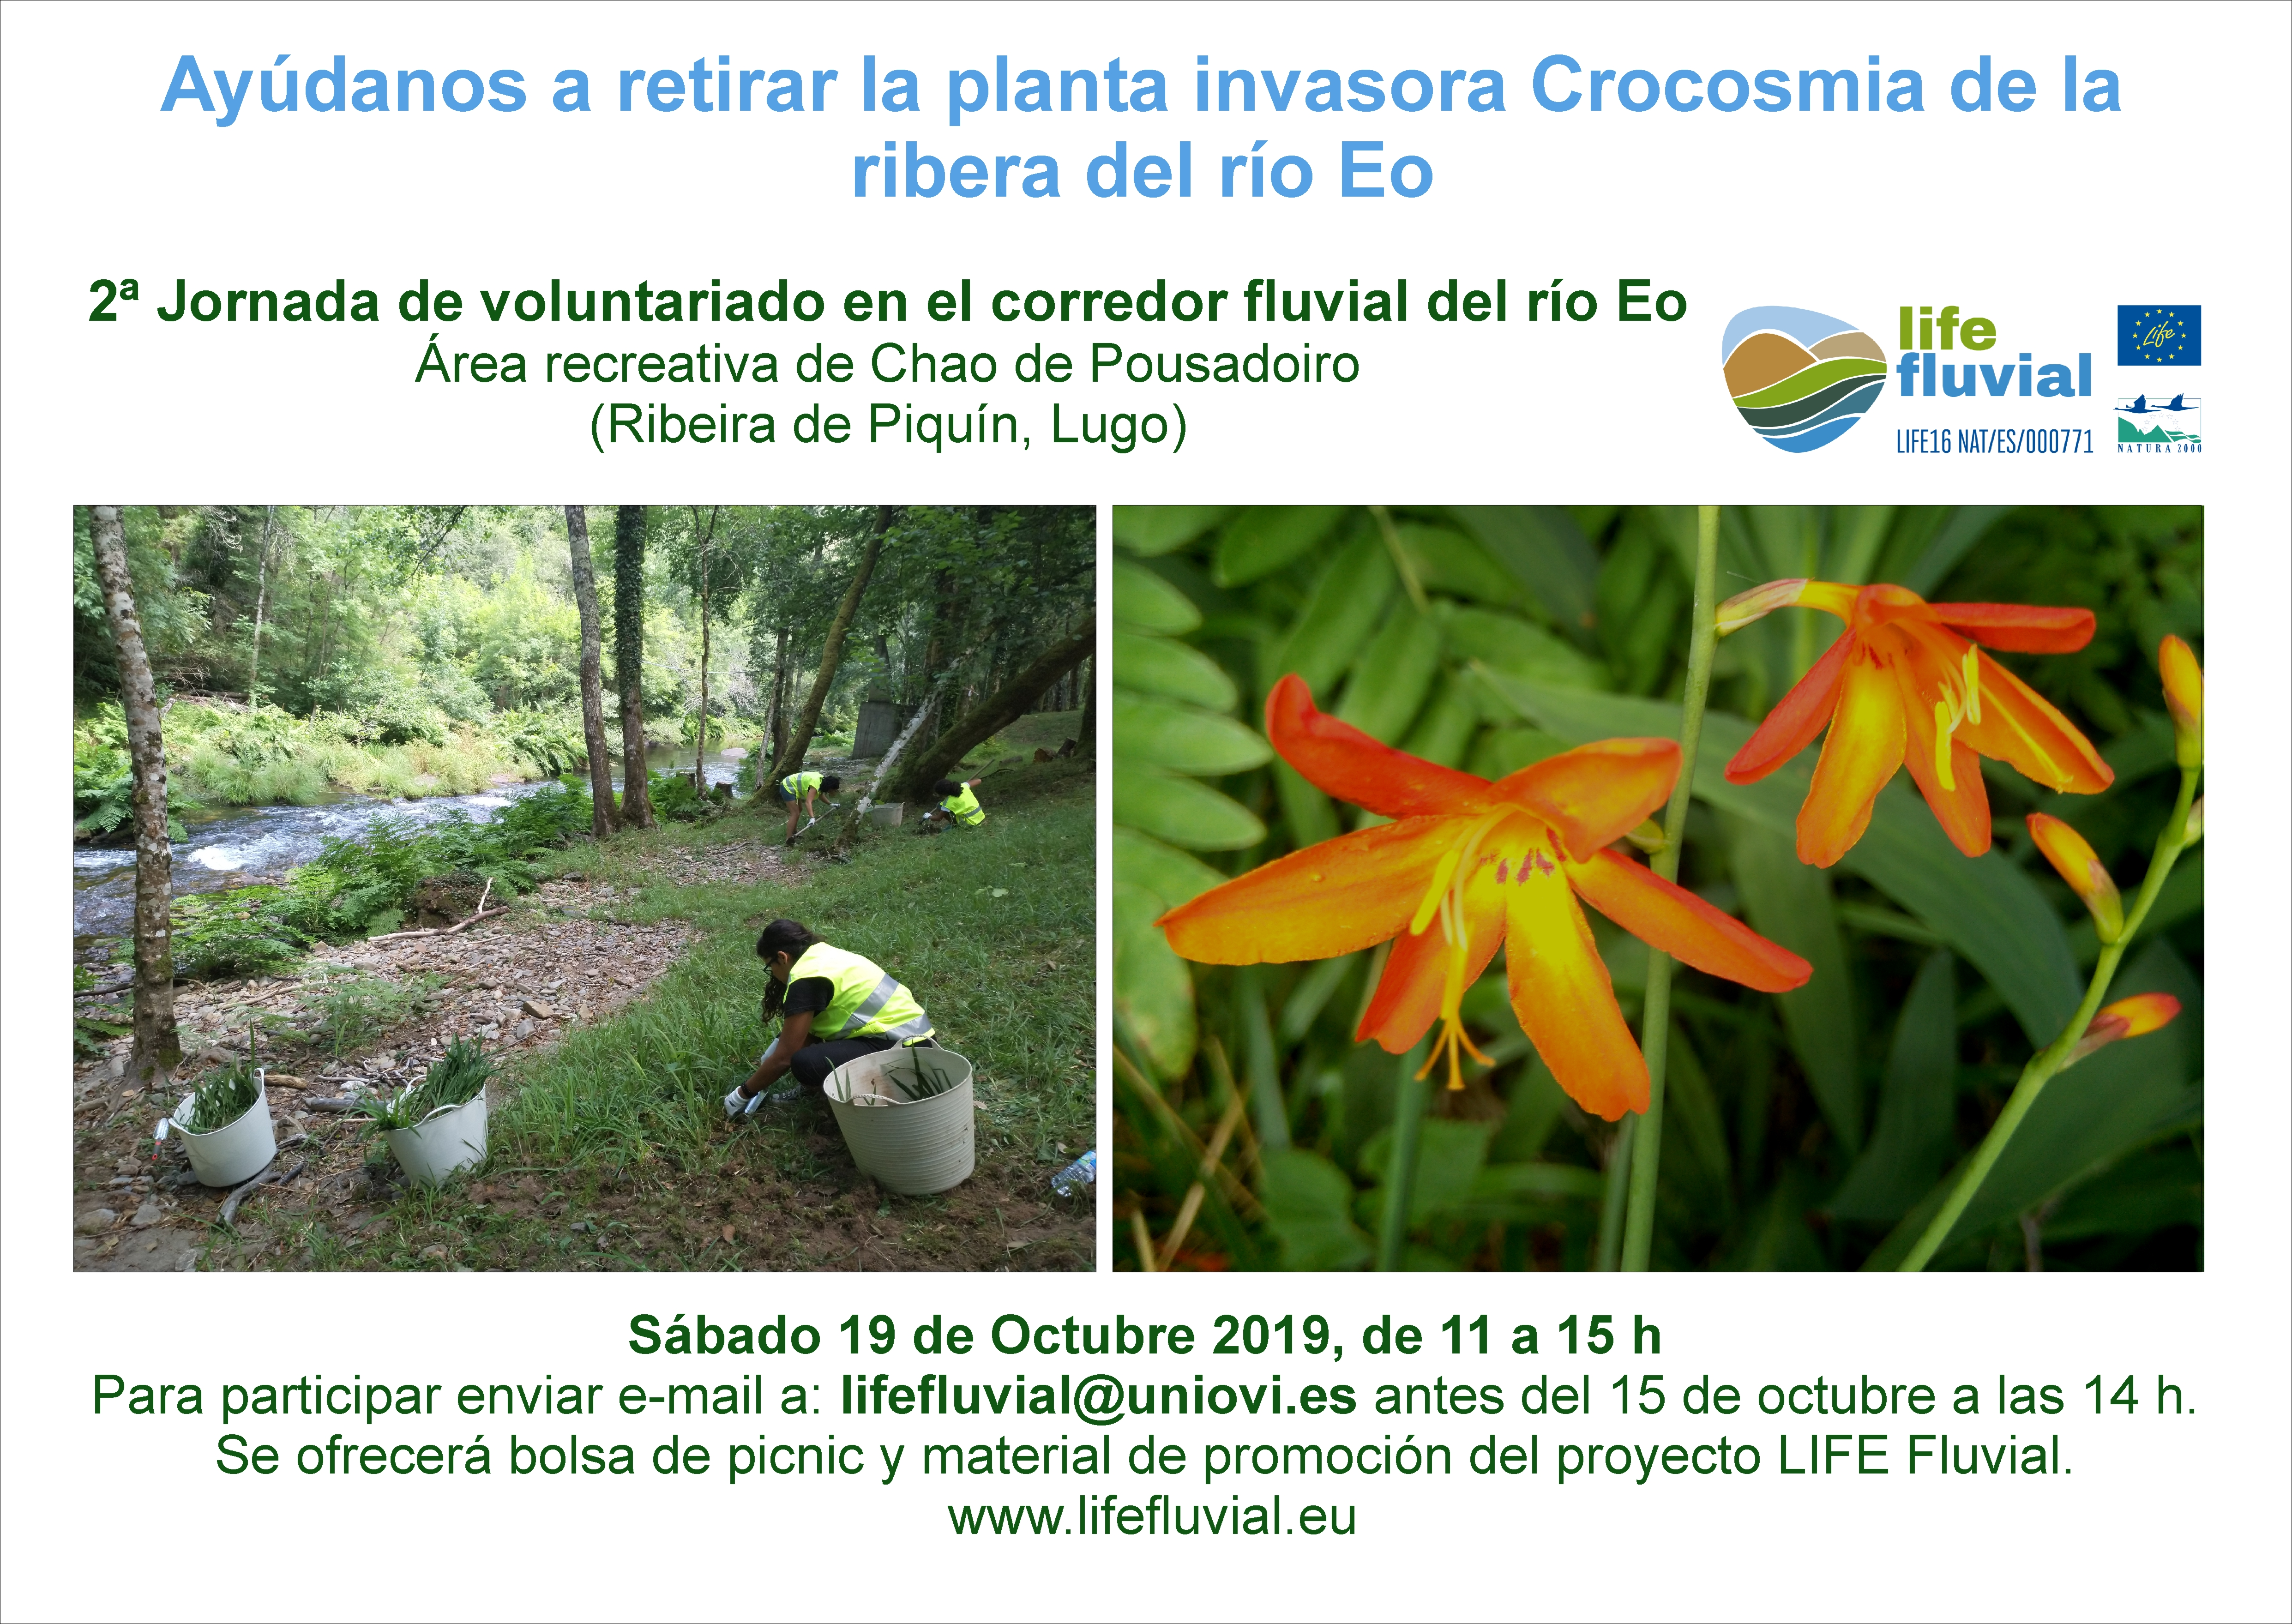 2ª Jornada de voluntariado en el corredor fluvial del río Eo